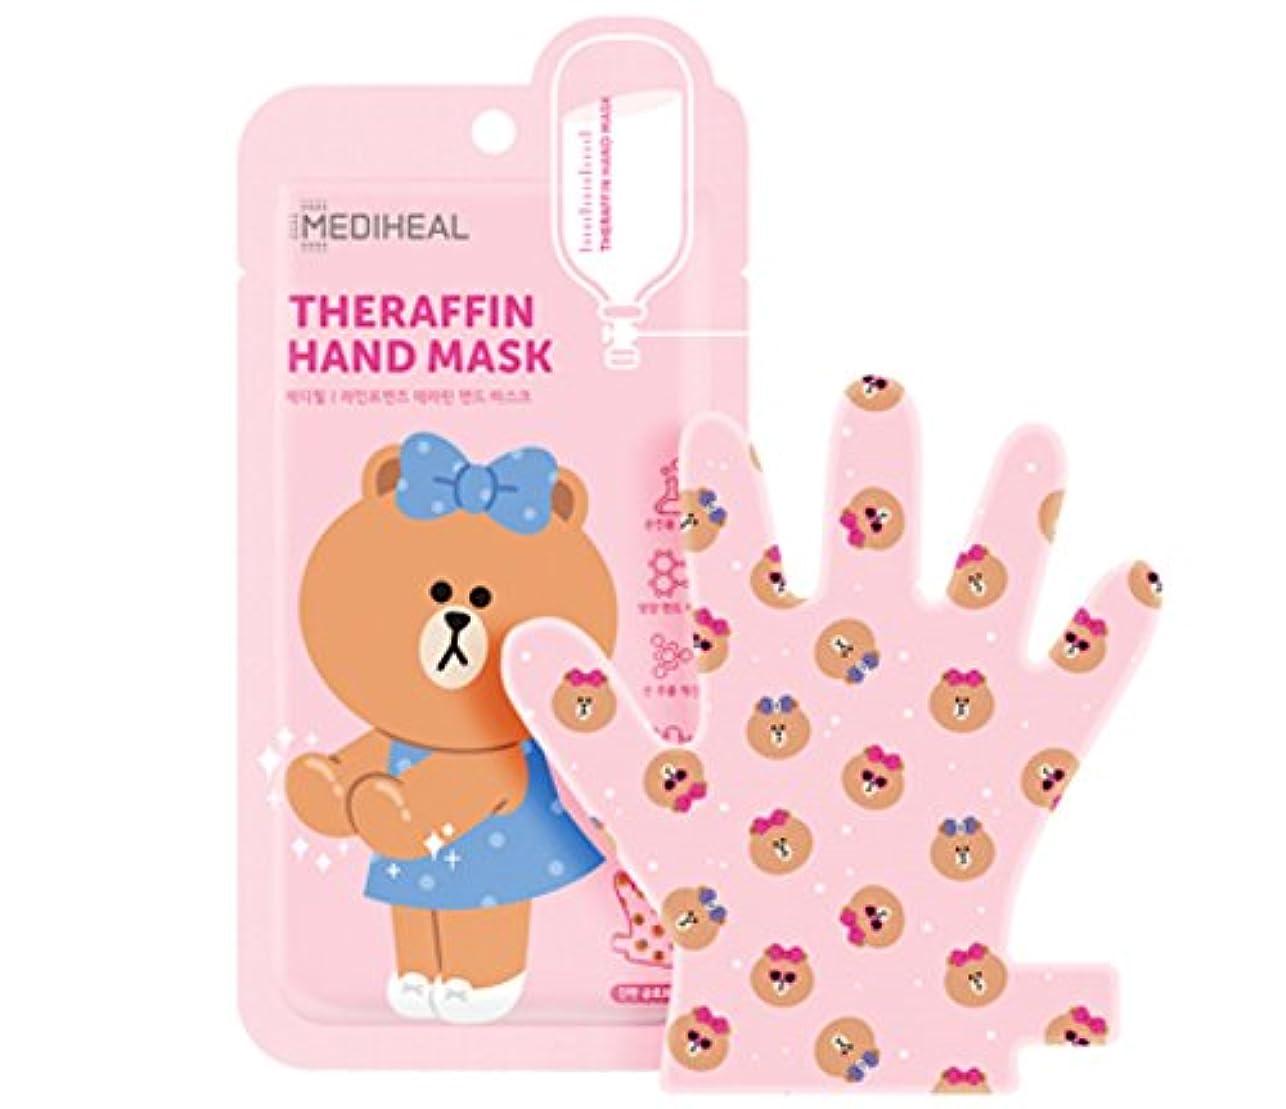 刺激する六分儀イベントMEDIHEAL LINE FRIENDS THERAFFIN HAND MASK テラピンハンドマスクきれいな手を作る